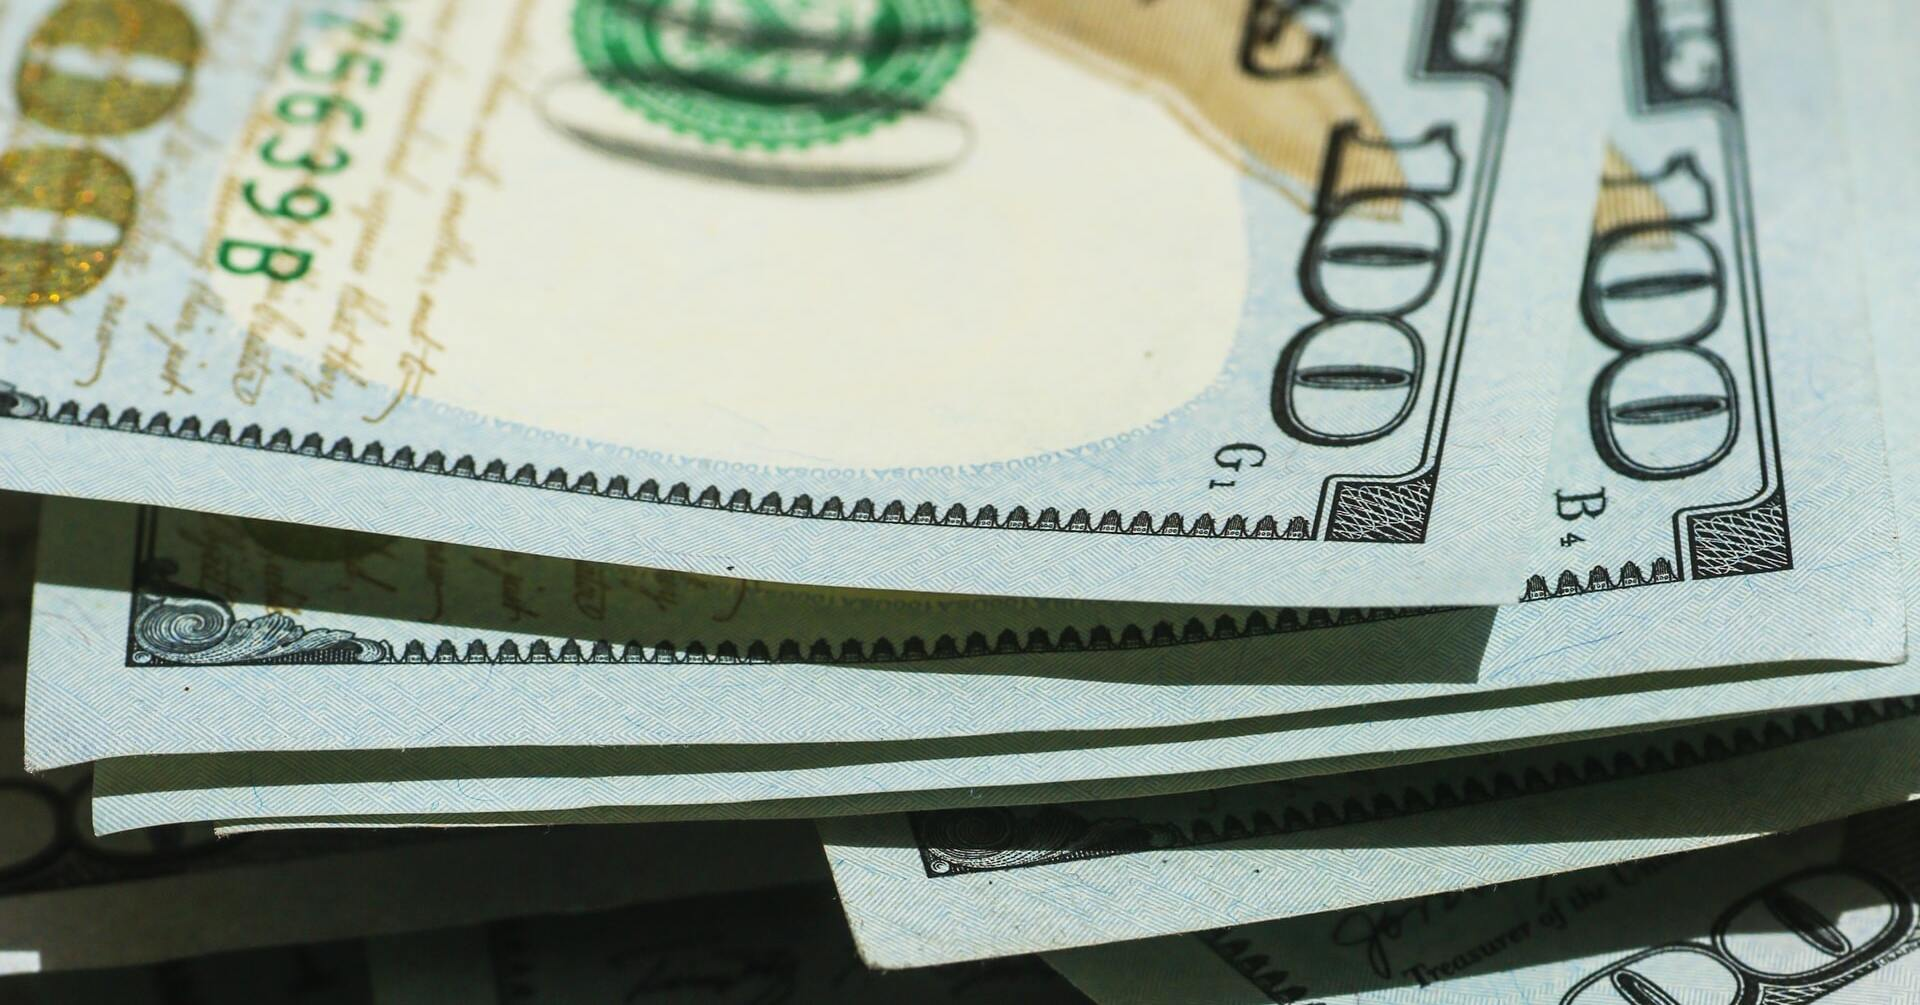 35歳で年収1000万円は勝ち組?平均年収や1000万超の割合を解説